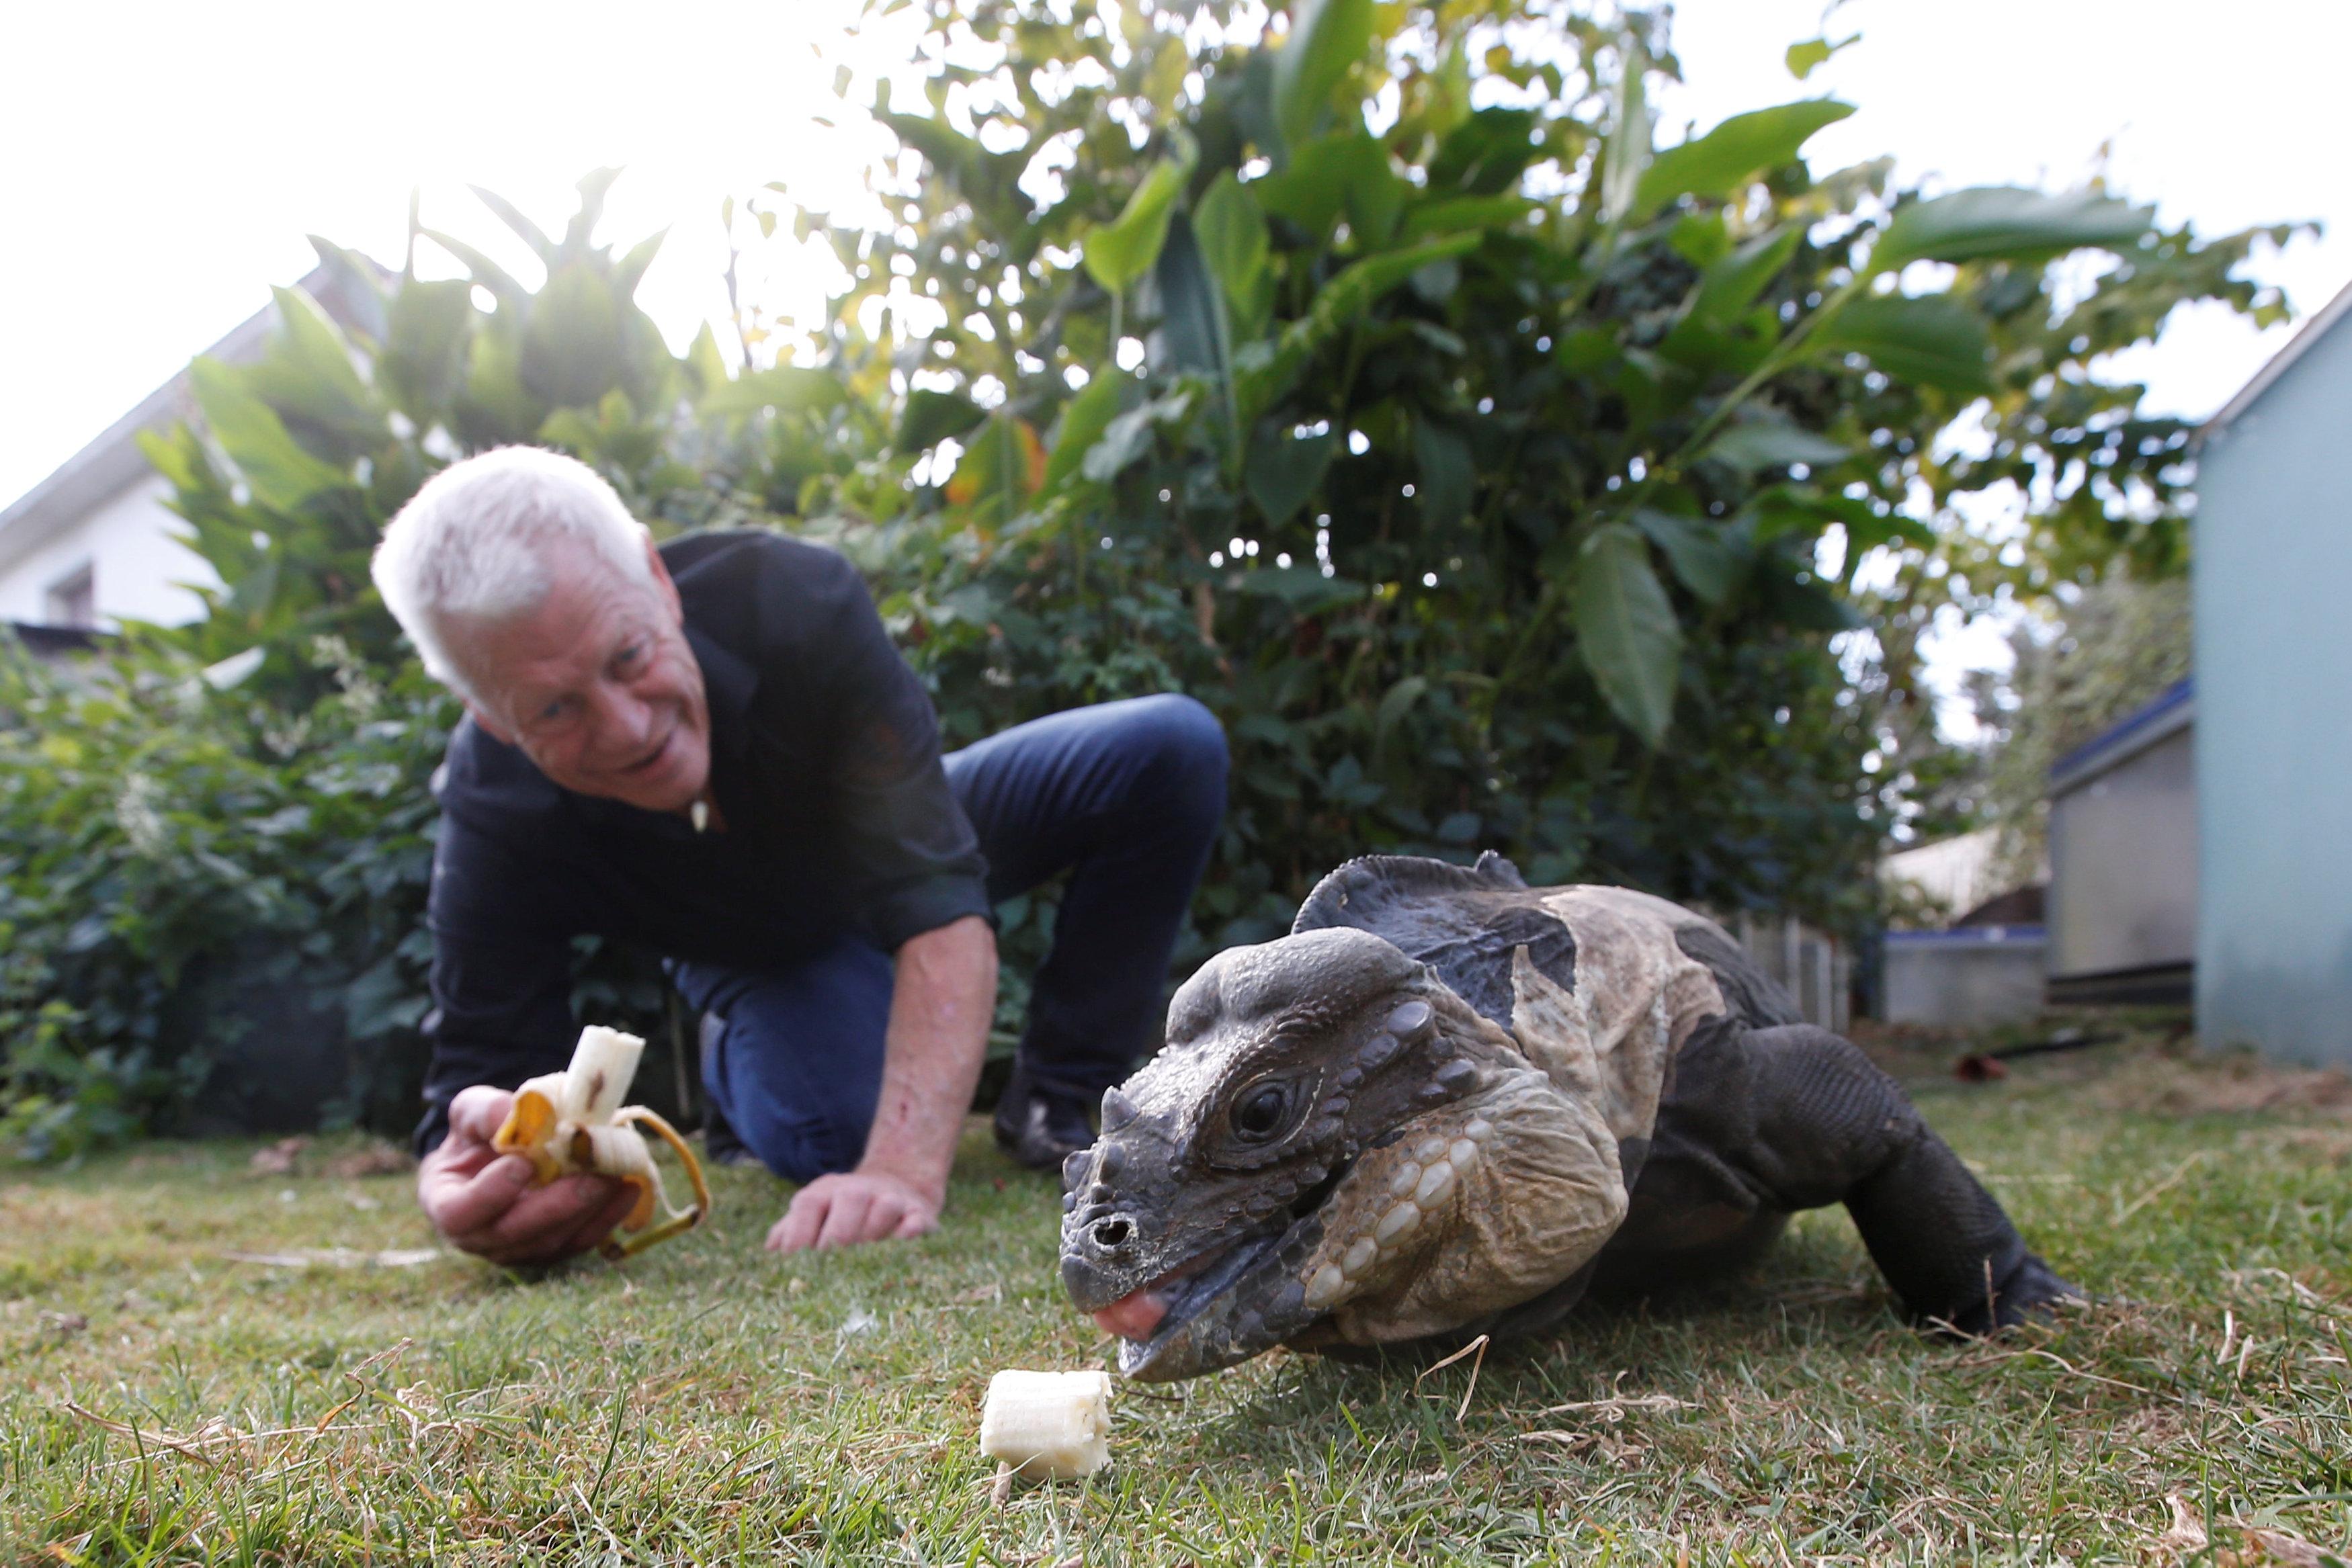 فيليب جيليت يطعم أحد الحيوانات فى حديقة منزله